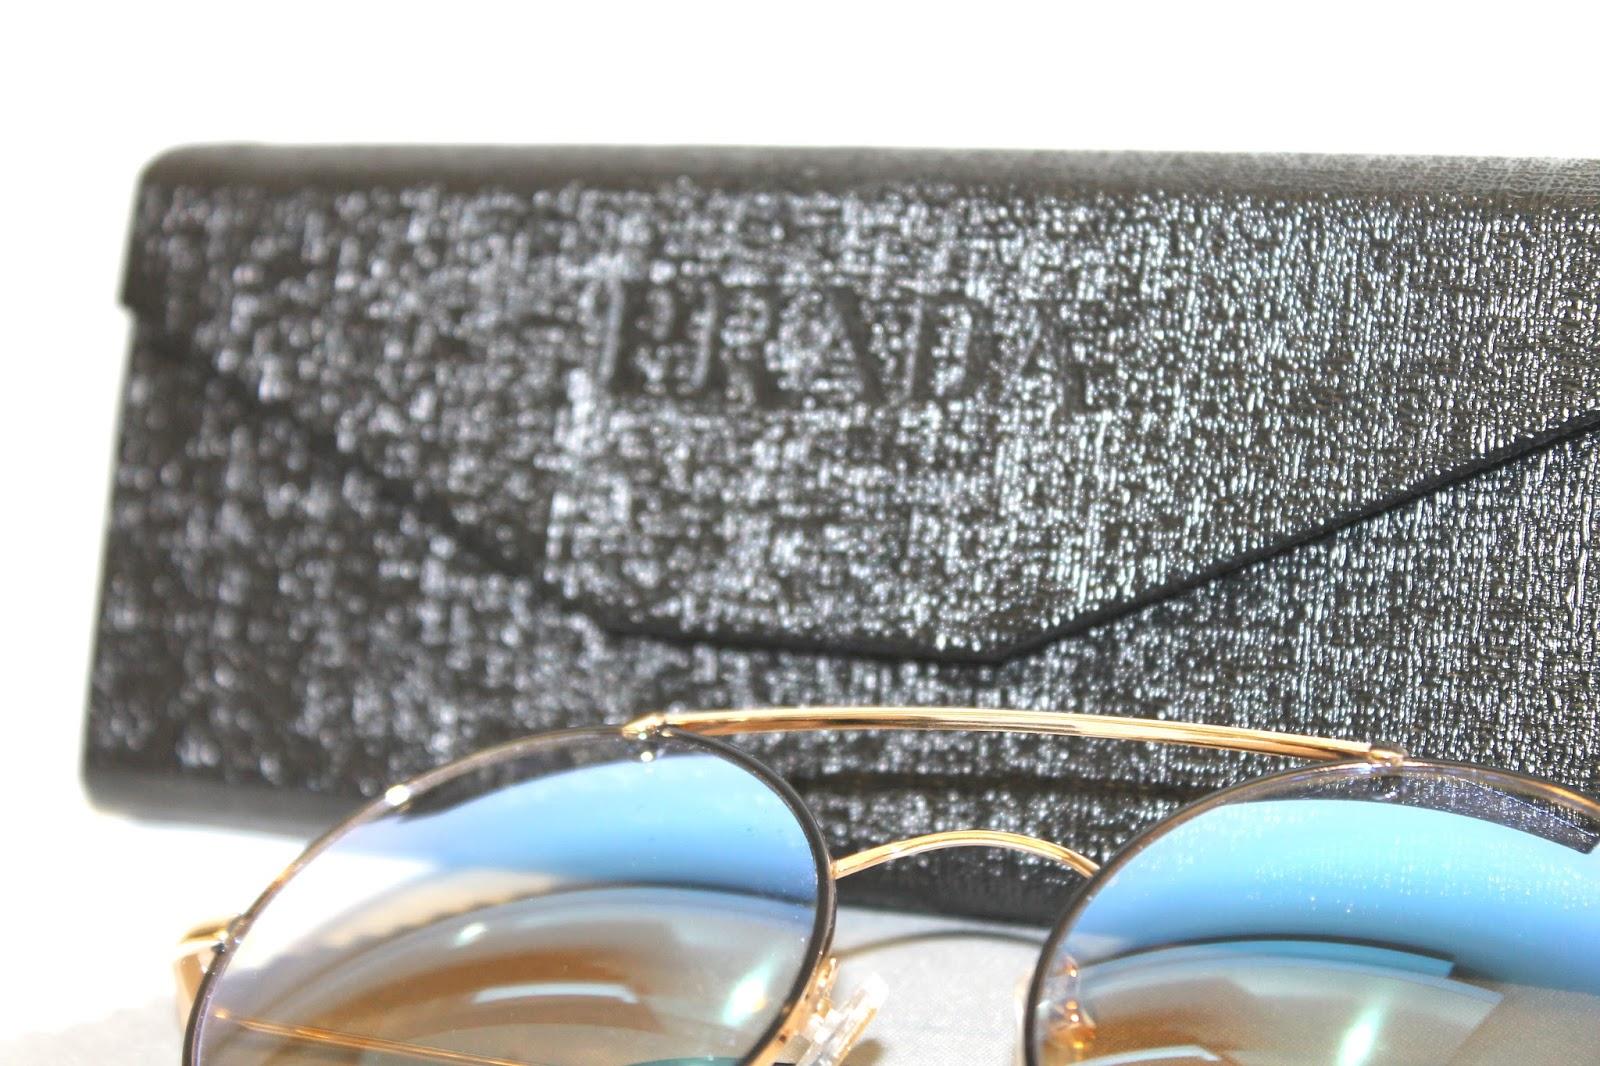 c9829089e9158 Já este Prada e este Fendi, são réplicas de primeira linha que resolvi  fotografá-los para mostrar para vocês. São idênticos aos modelos originais  e vem com ...